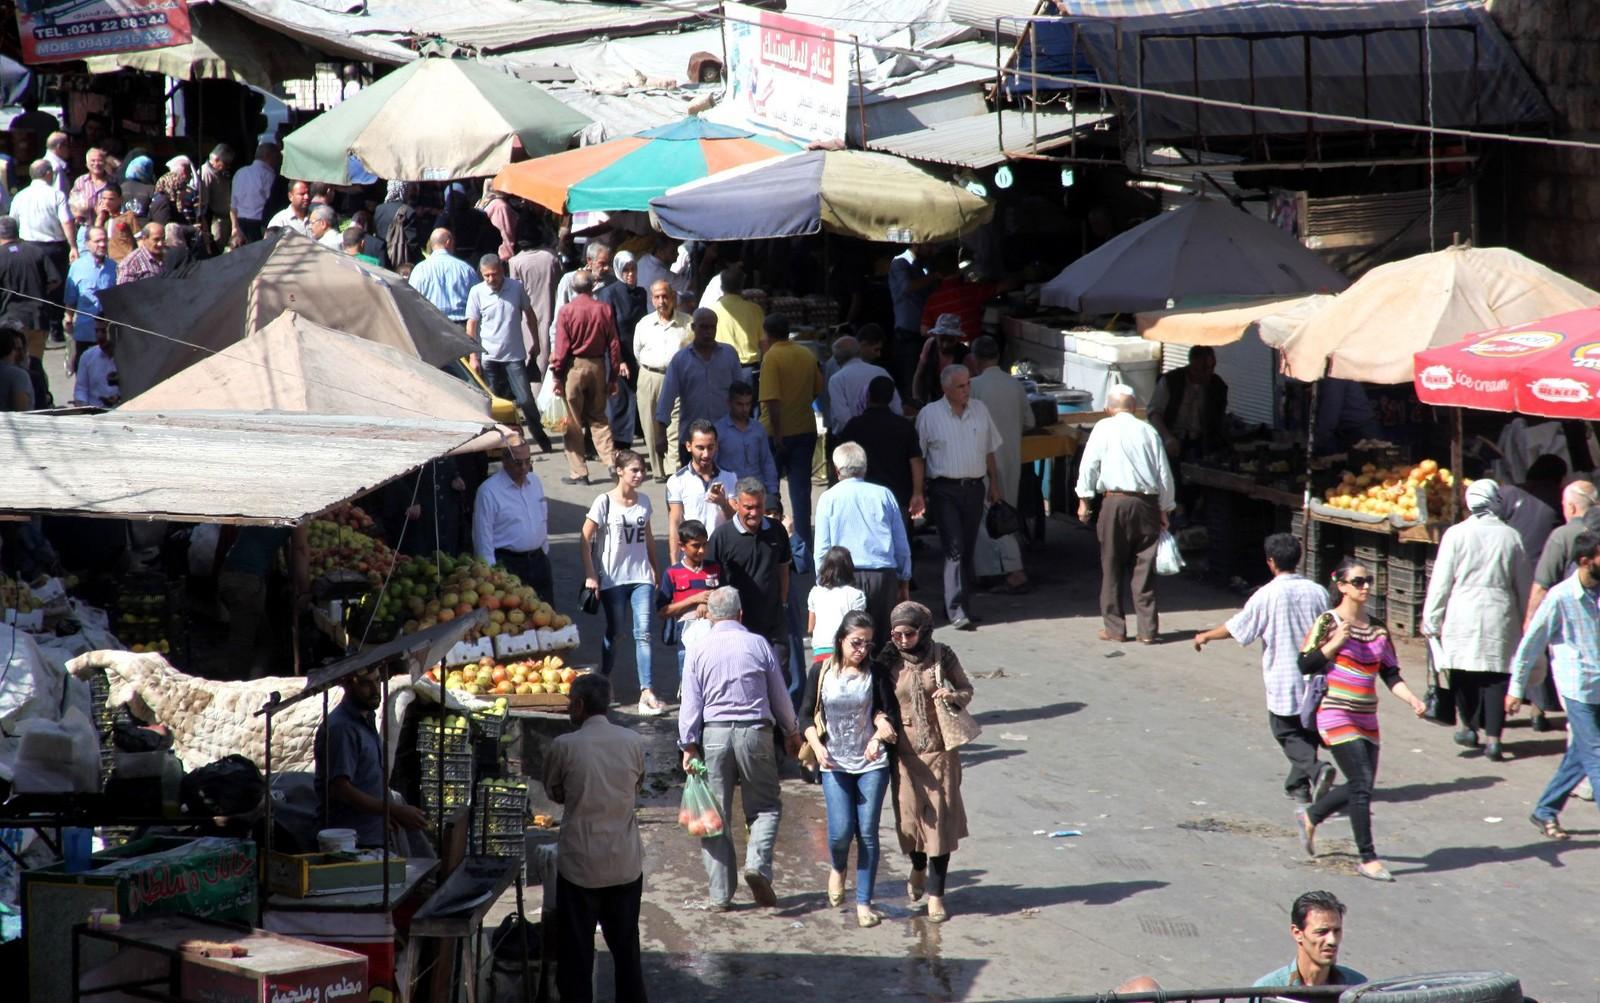 Medan det austlege Aleppo er sterkt prega av krigen, går livet i dei vestlege bydelane for ein stor del som normalt. Her frå ein marknadsplass.